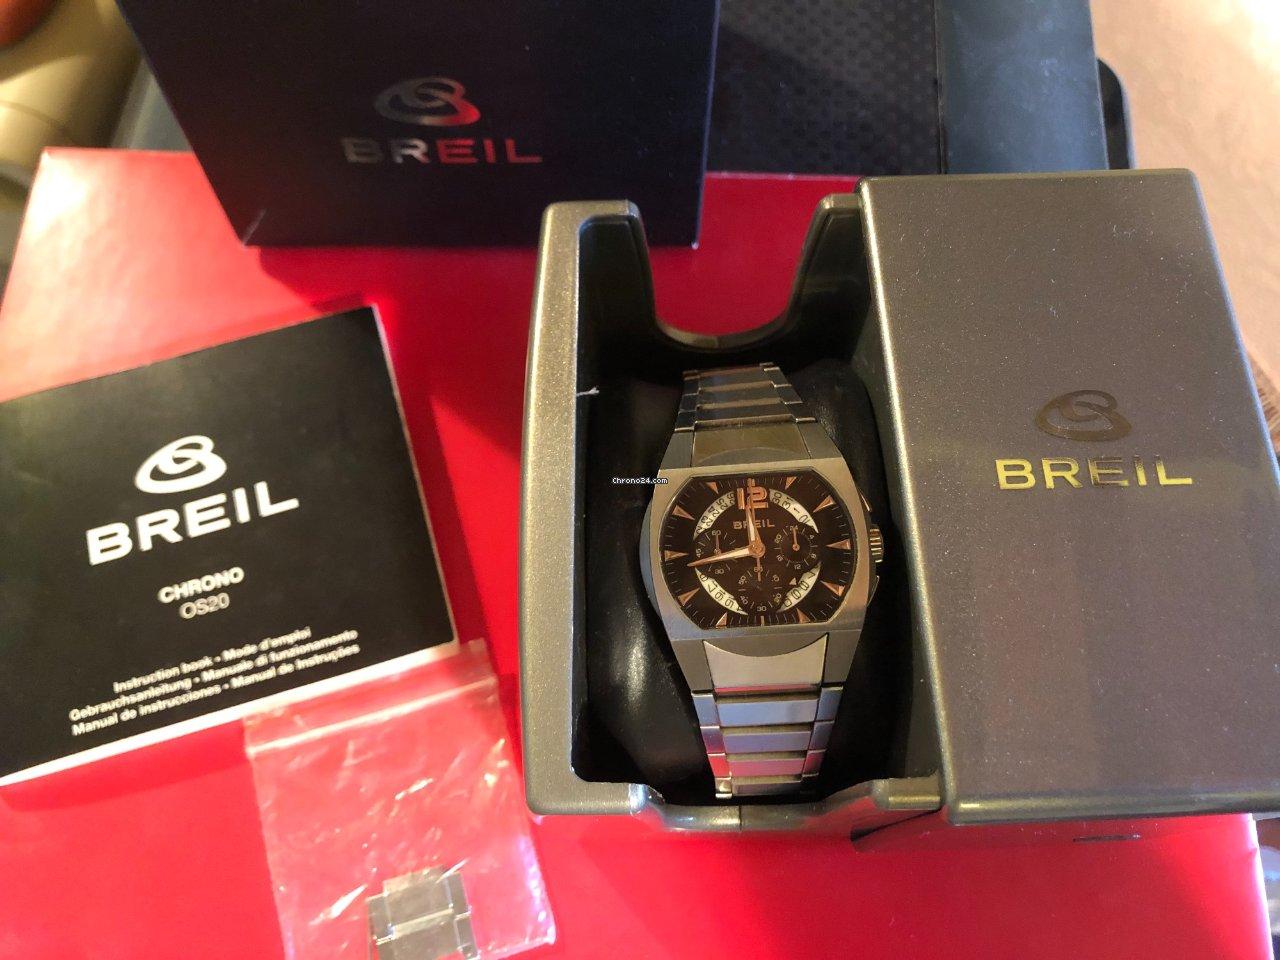 3a01b638d76 Orologi Breil - Tutti i prezzi di orologi Breil su Chrono24